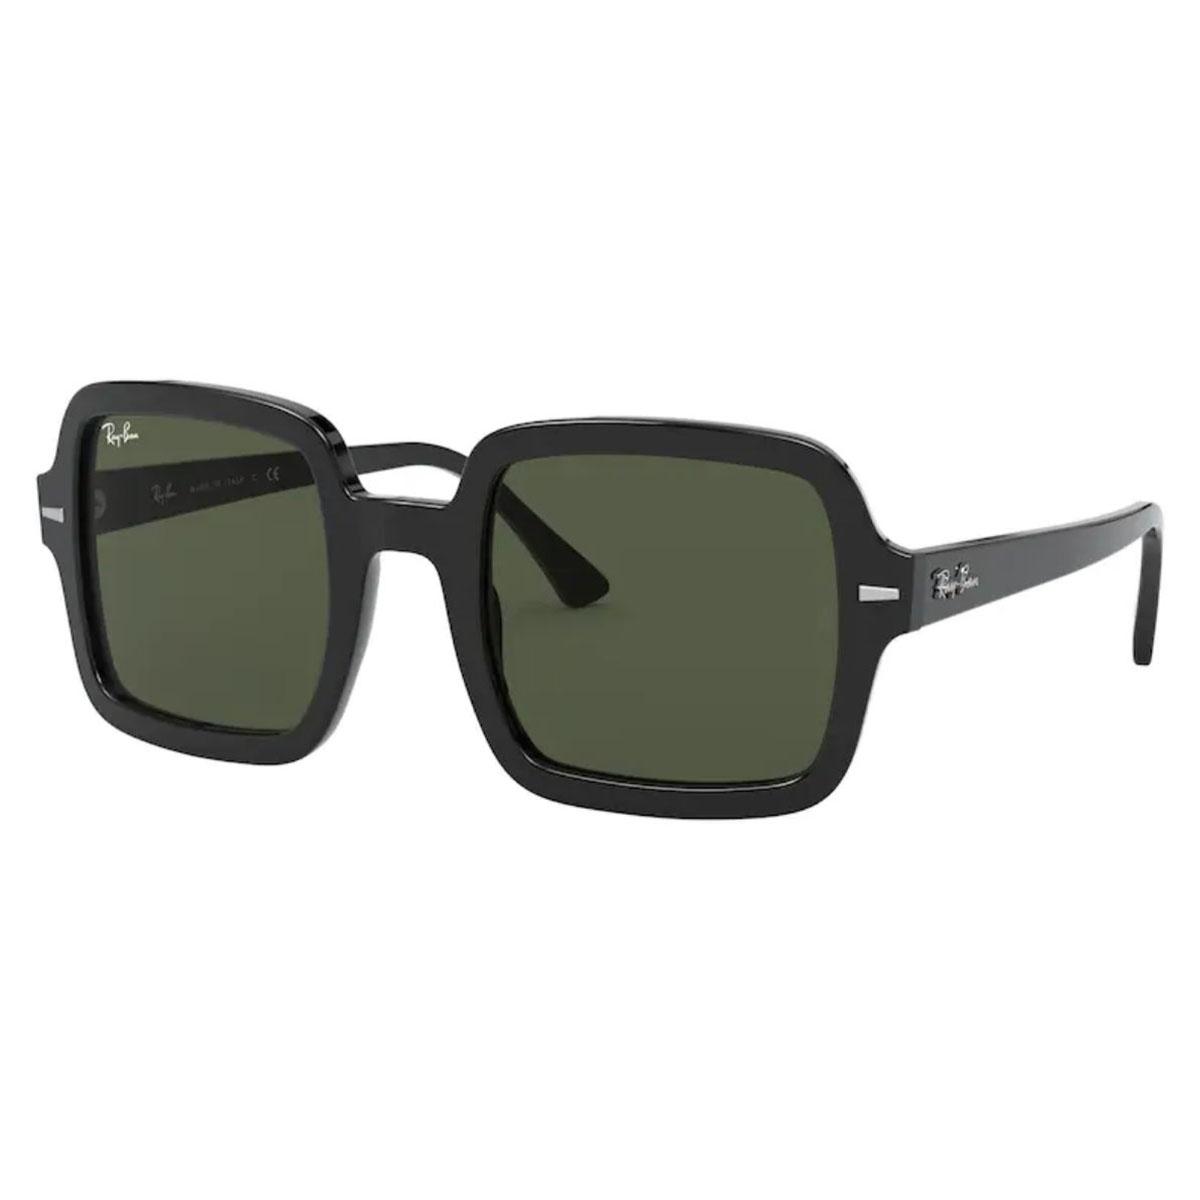 Óculos de Sol RayBan Quadrado RB2188 Preto Brilho Tamanho 53